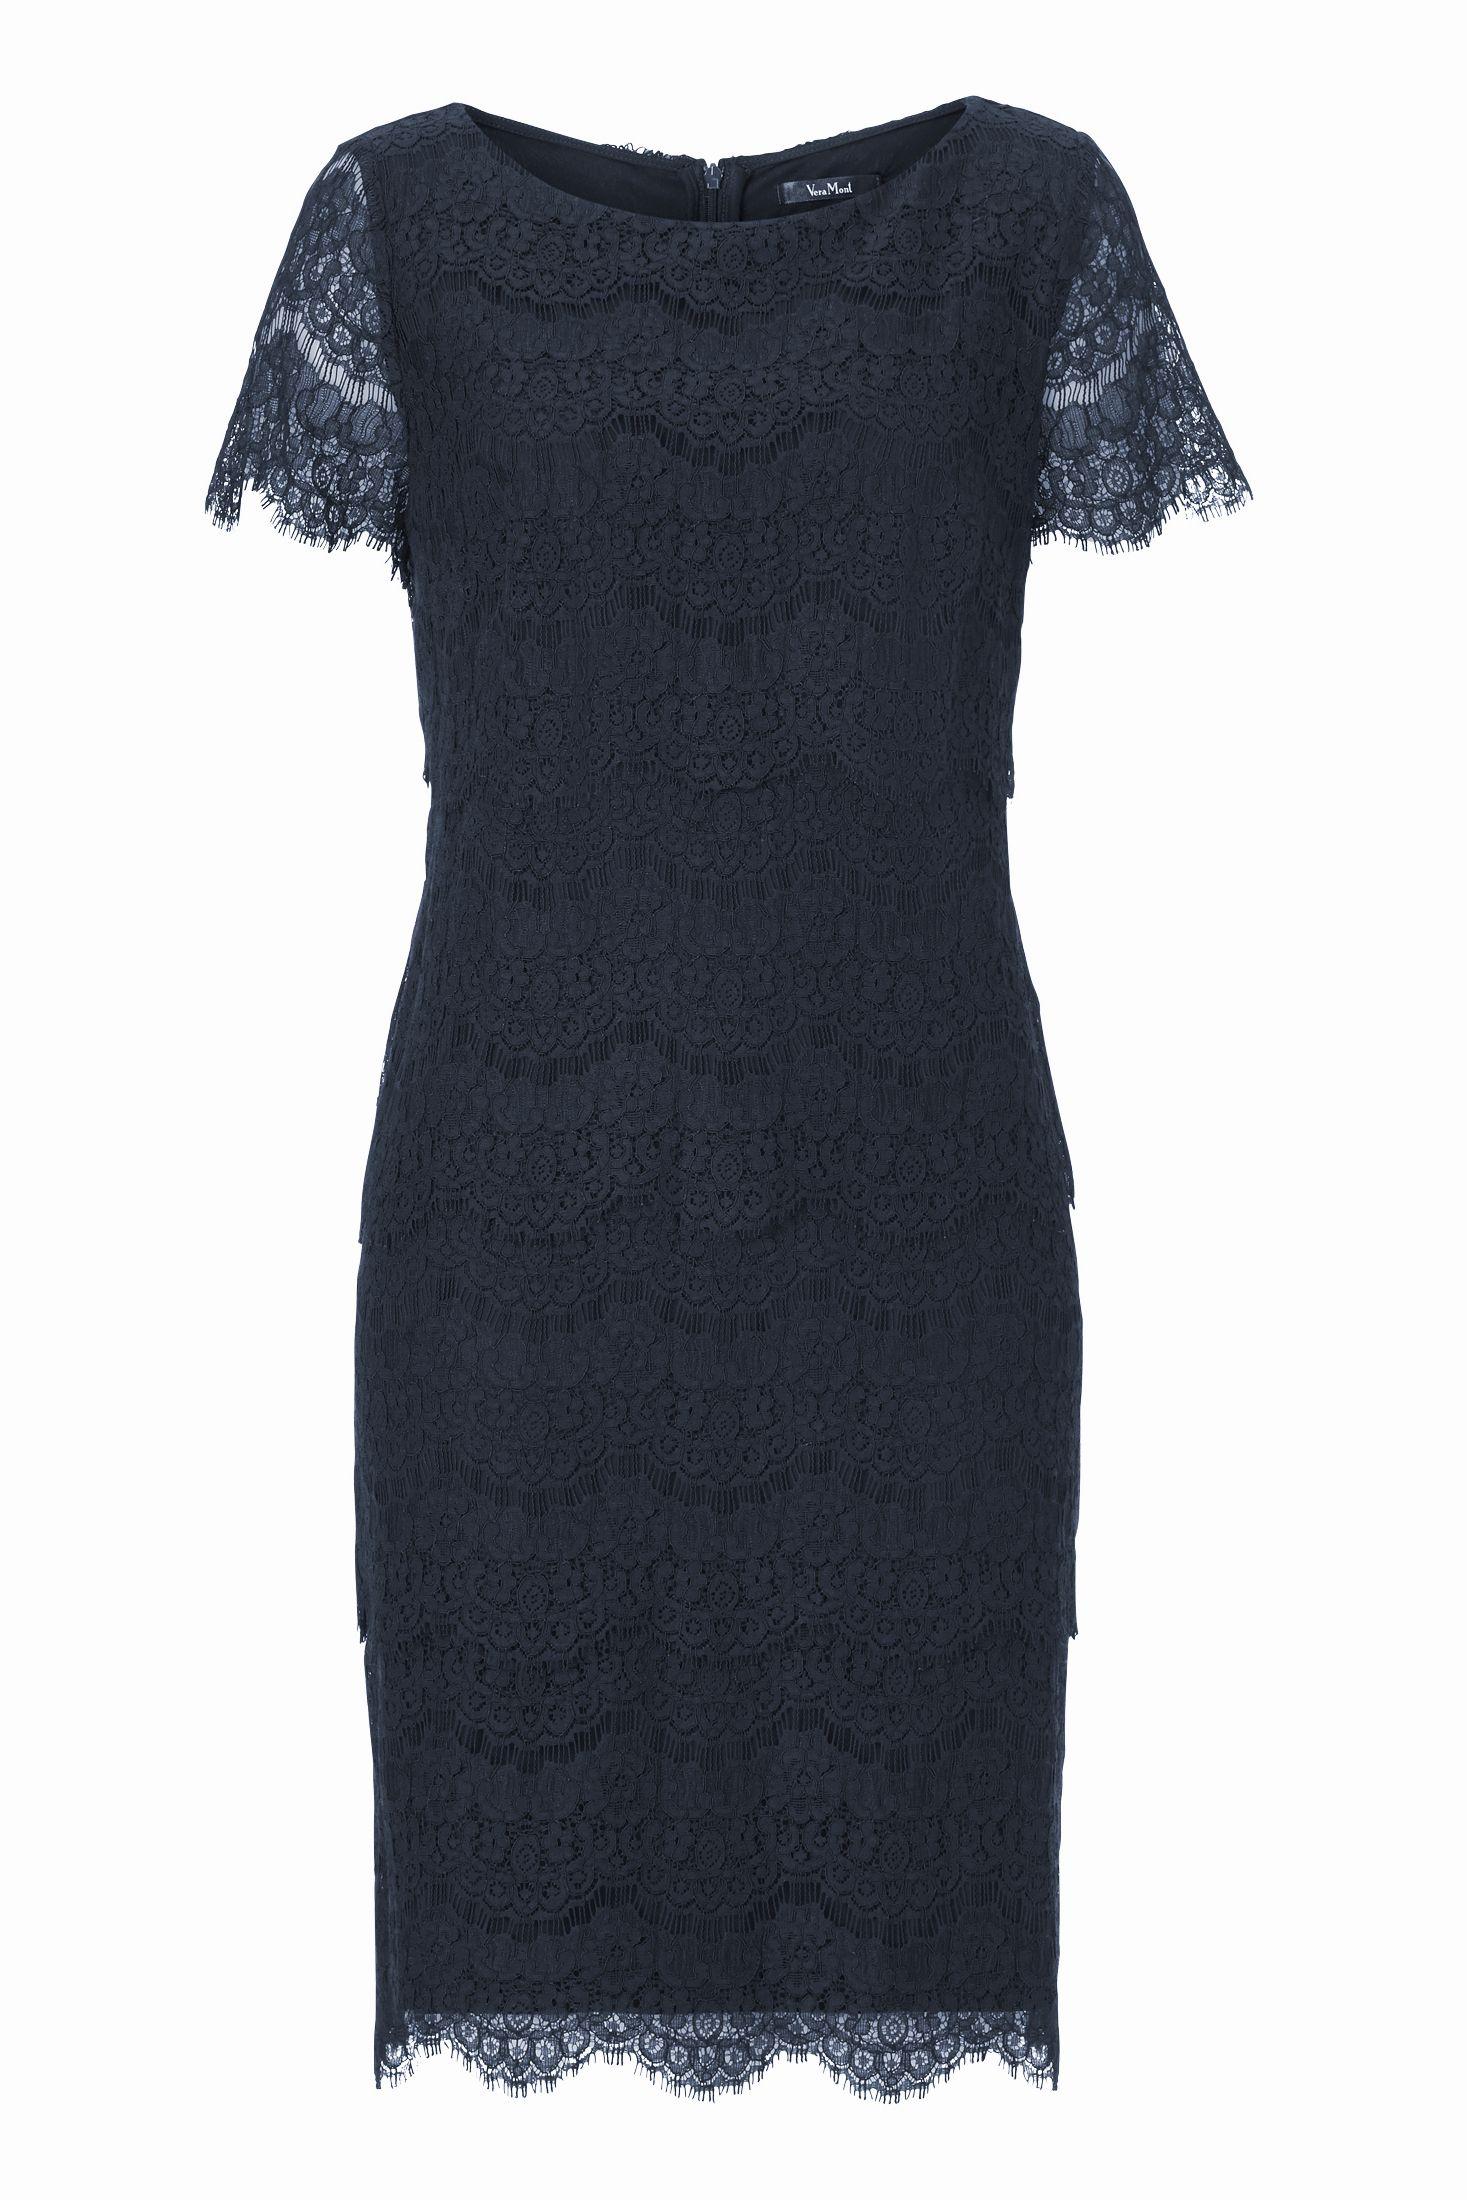 spitzenkleid kleid spitze dunkelblau vera mont | mode